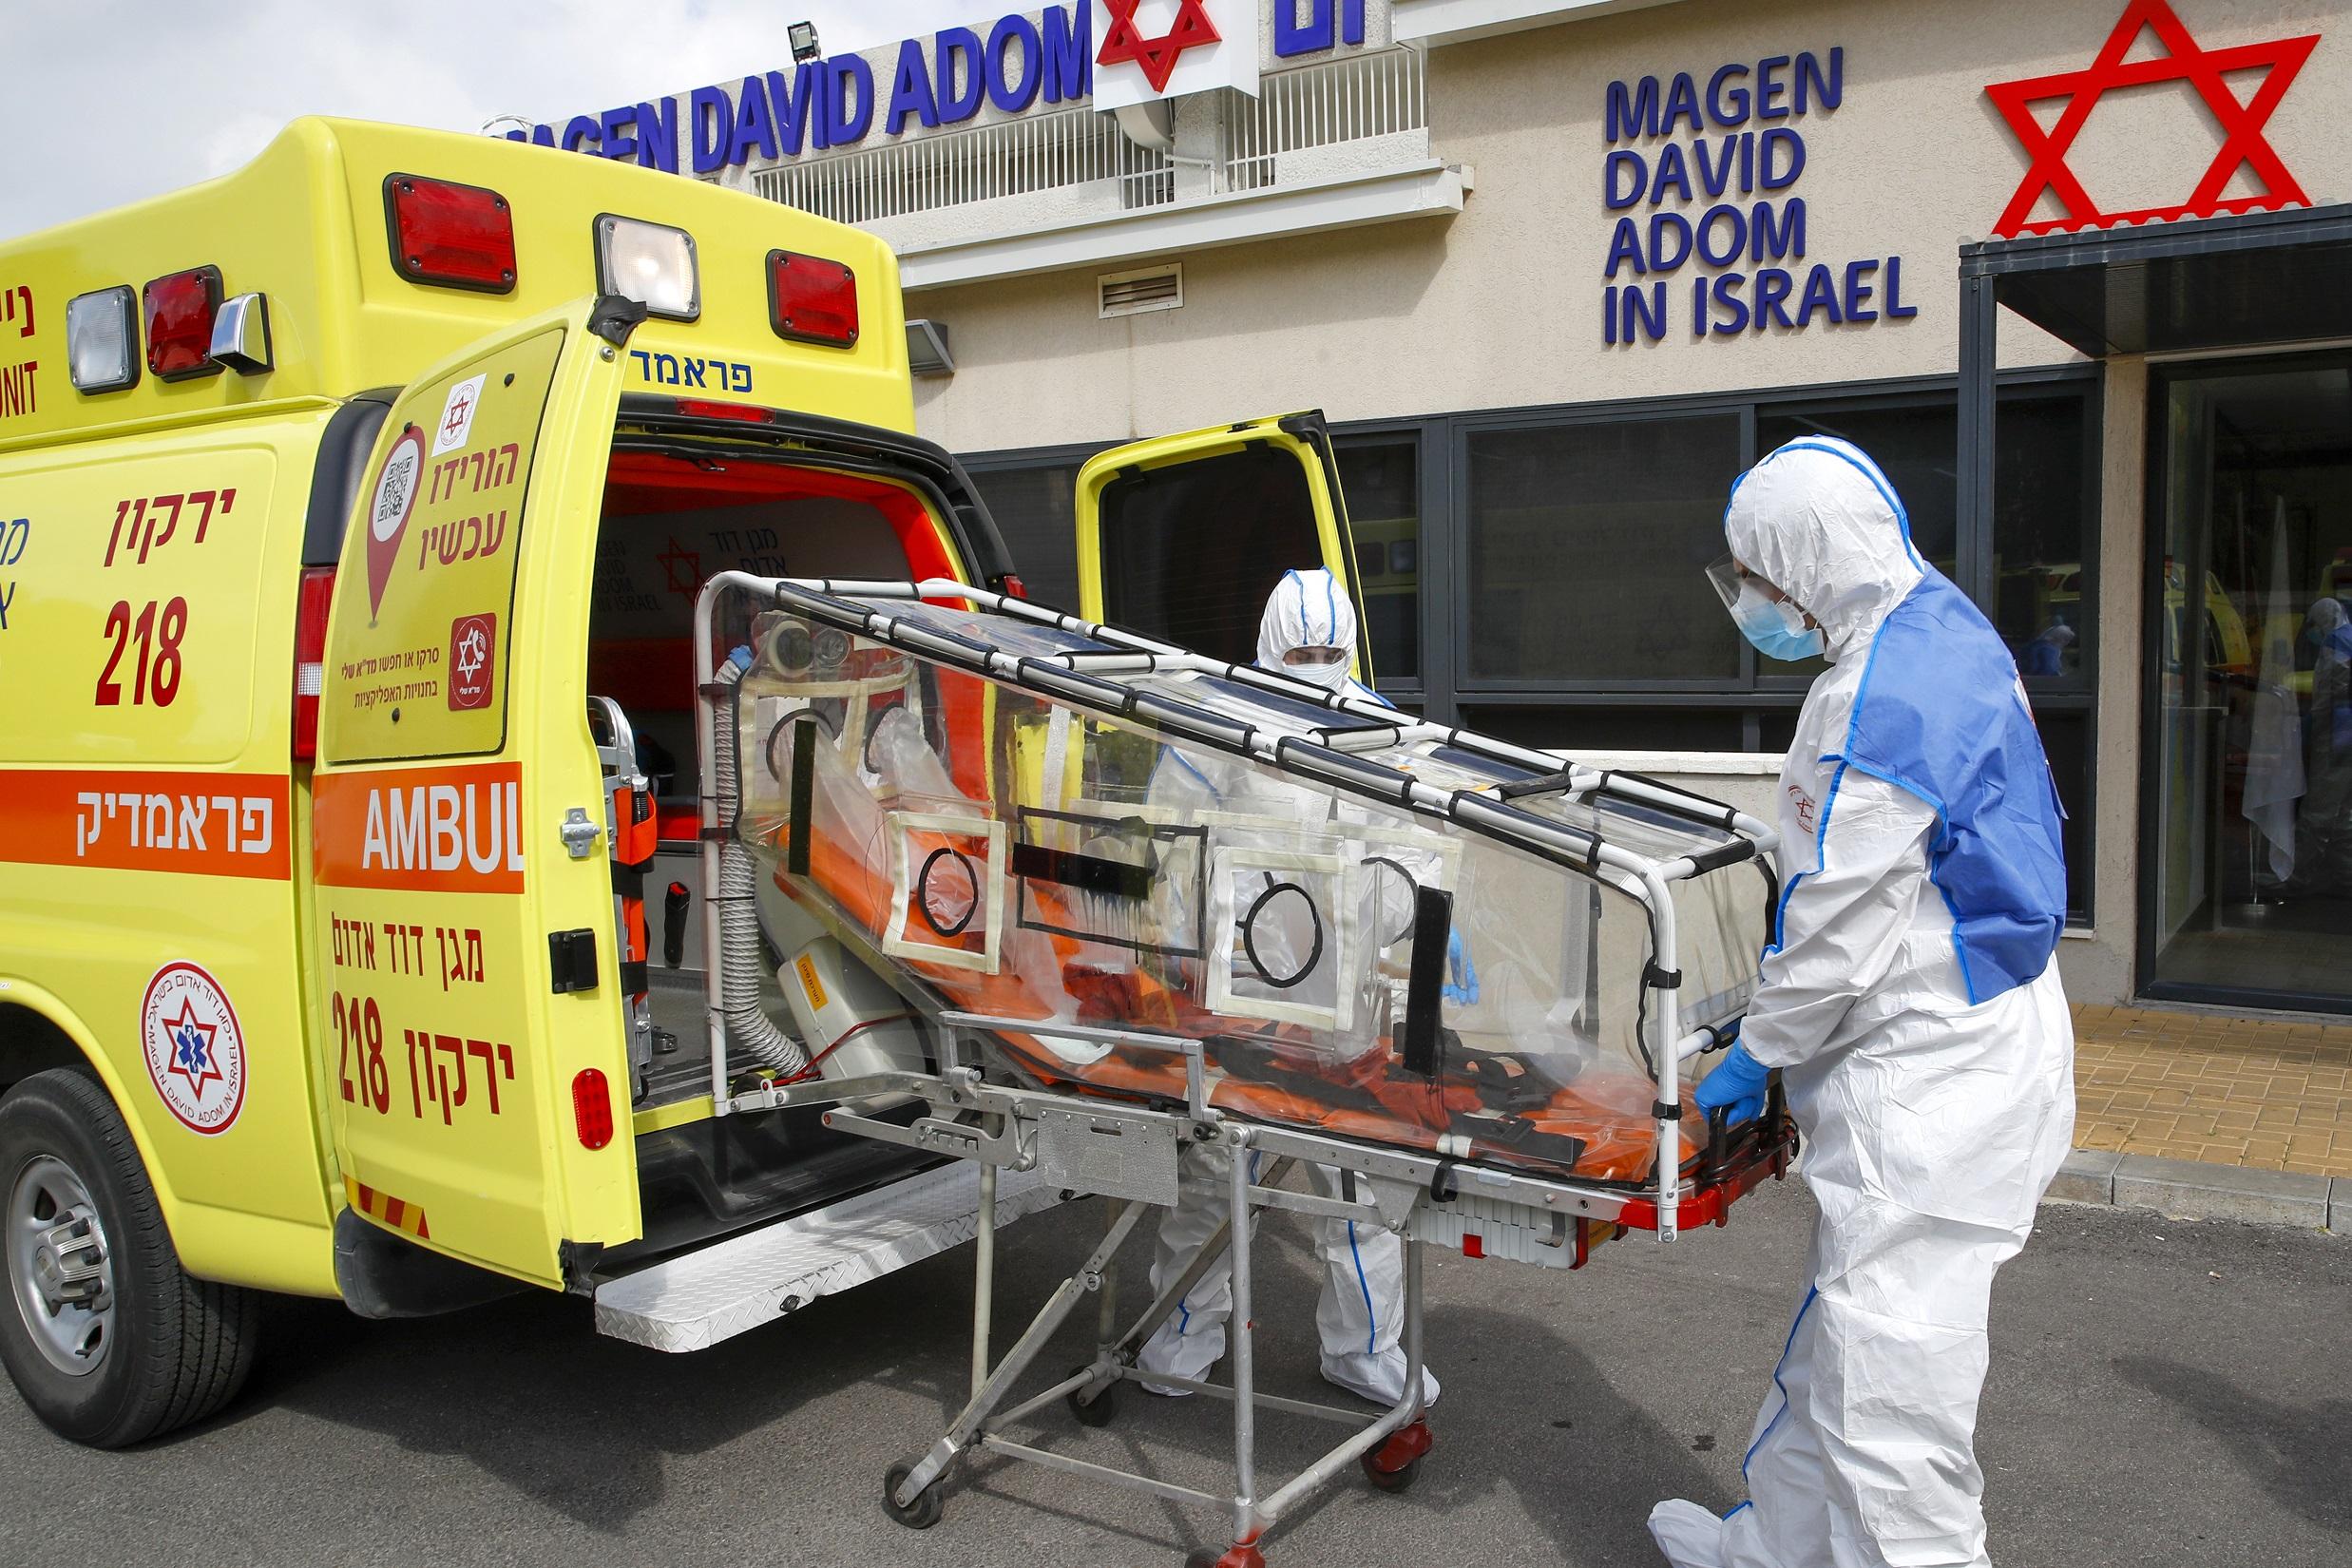 اسرائيل تسجل اعلى معدل اصابات يومي بكورونا ..  نحو 1000 إصابة